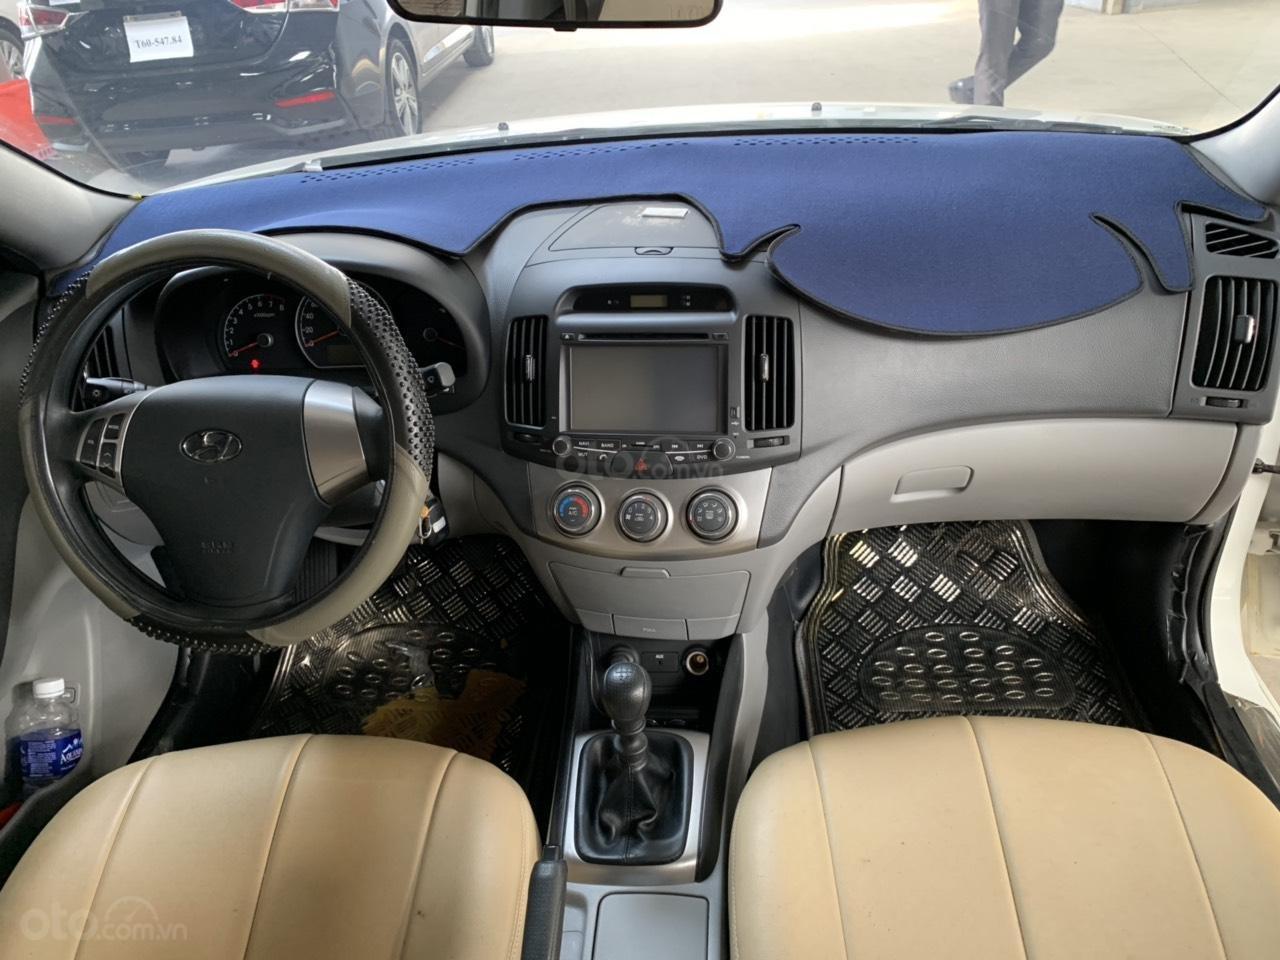 Cần bán Hyundai Avante 1.6MT đời 2016, màu trắng, không kinh doanh dịch vụ (6)